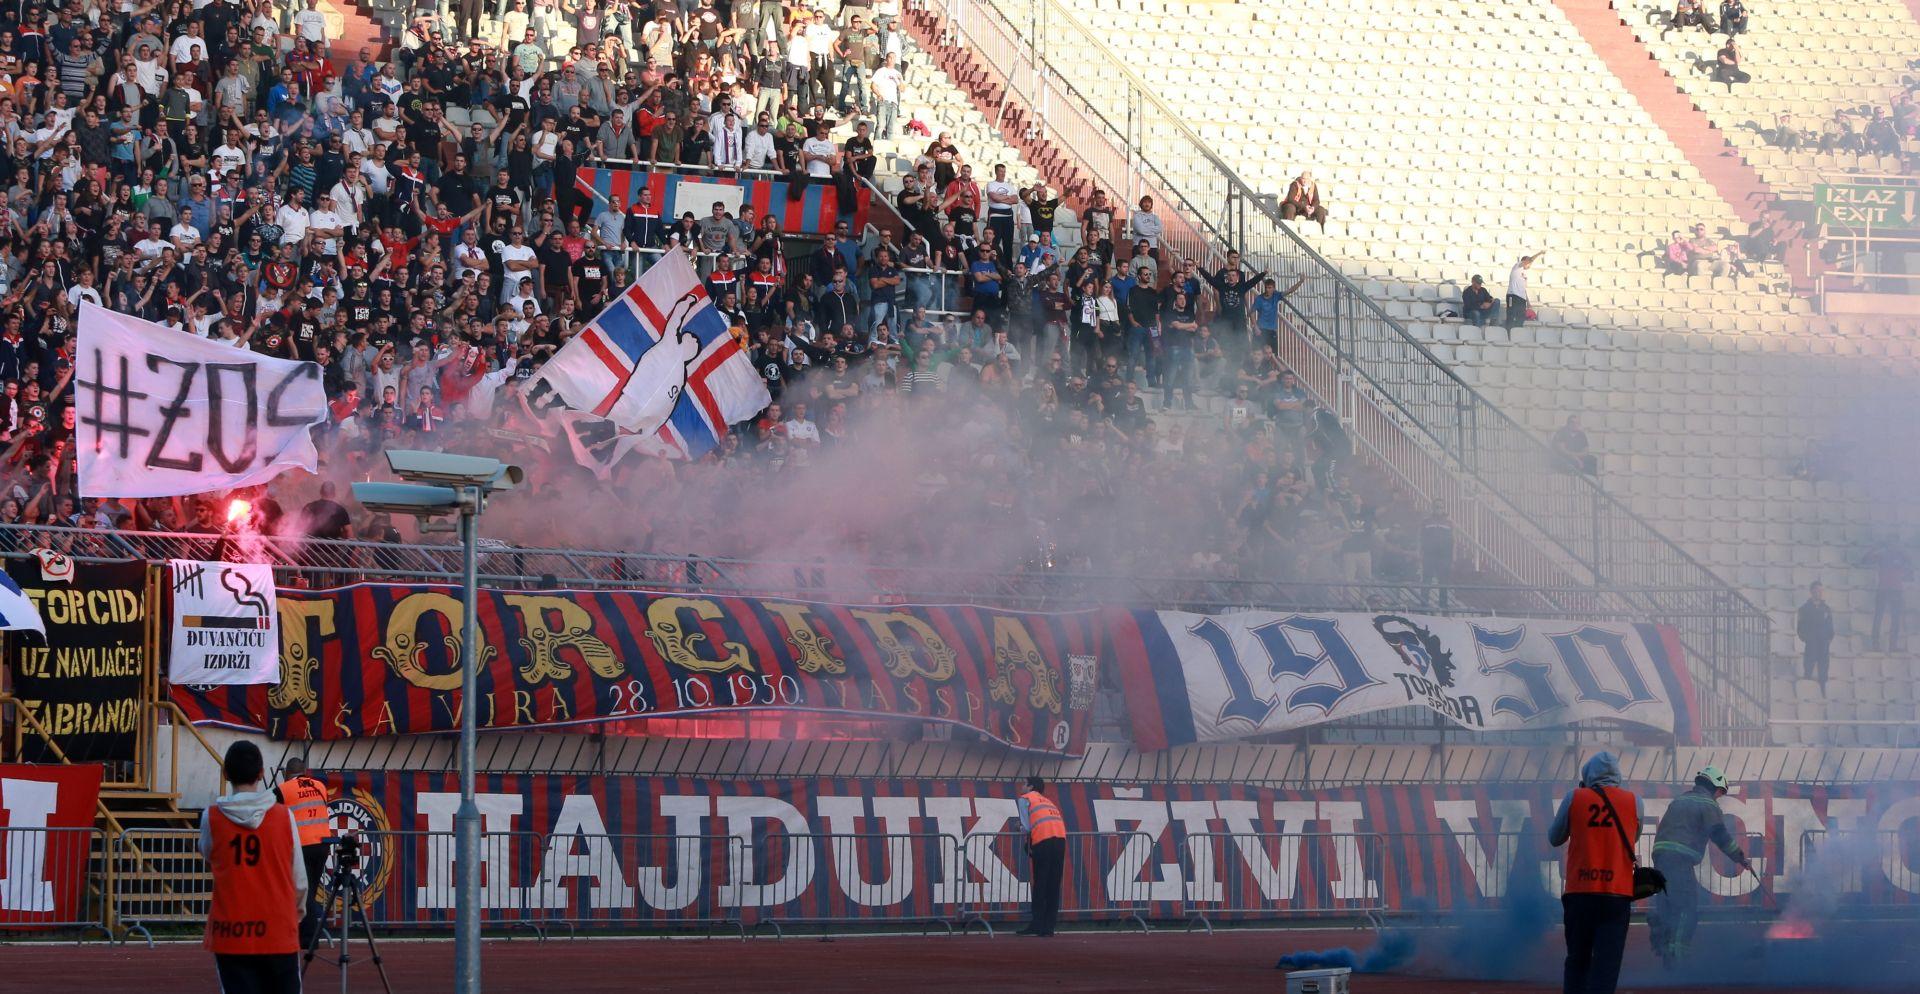 BAKLJE I NEPRIMJERENO SKANDIRANJE Disciplinski sudac kaznio Hajduk sa 50 tisuća kuna